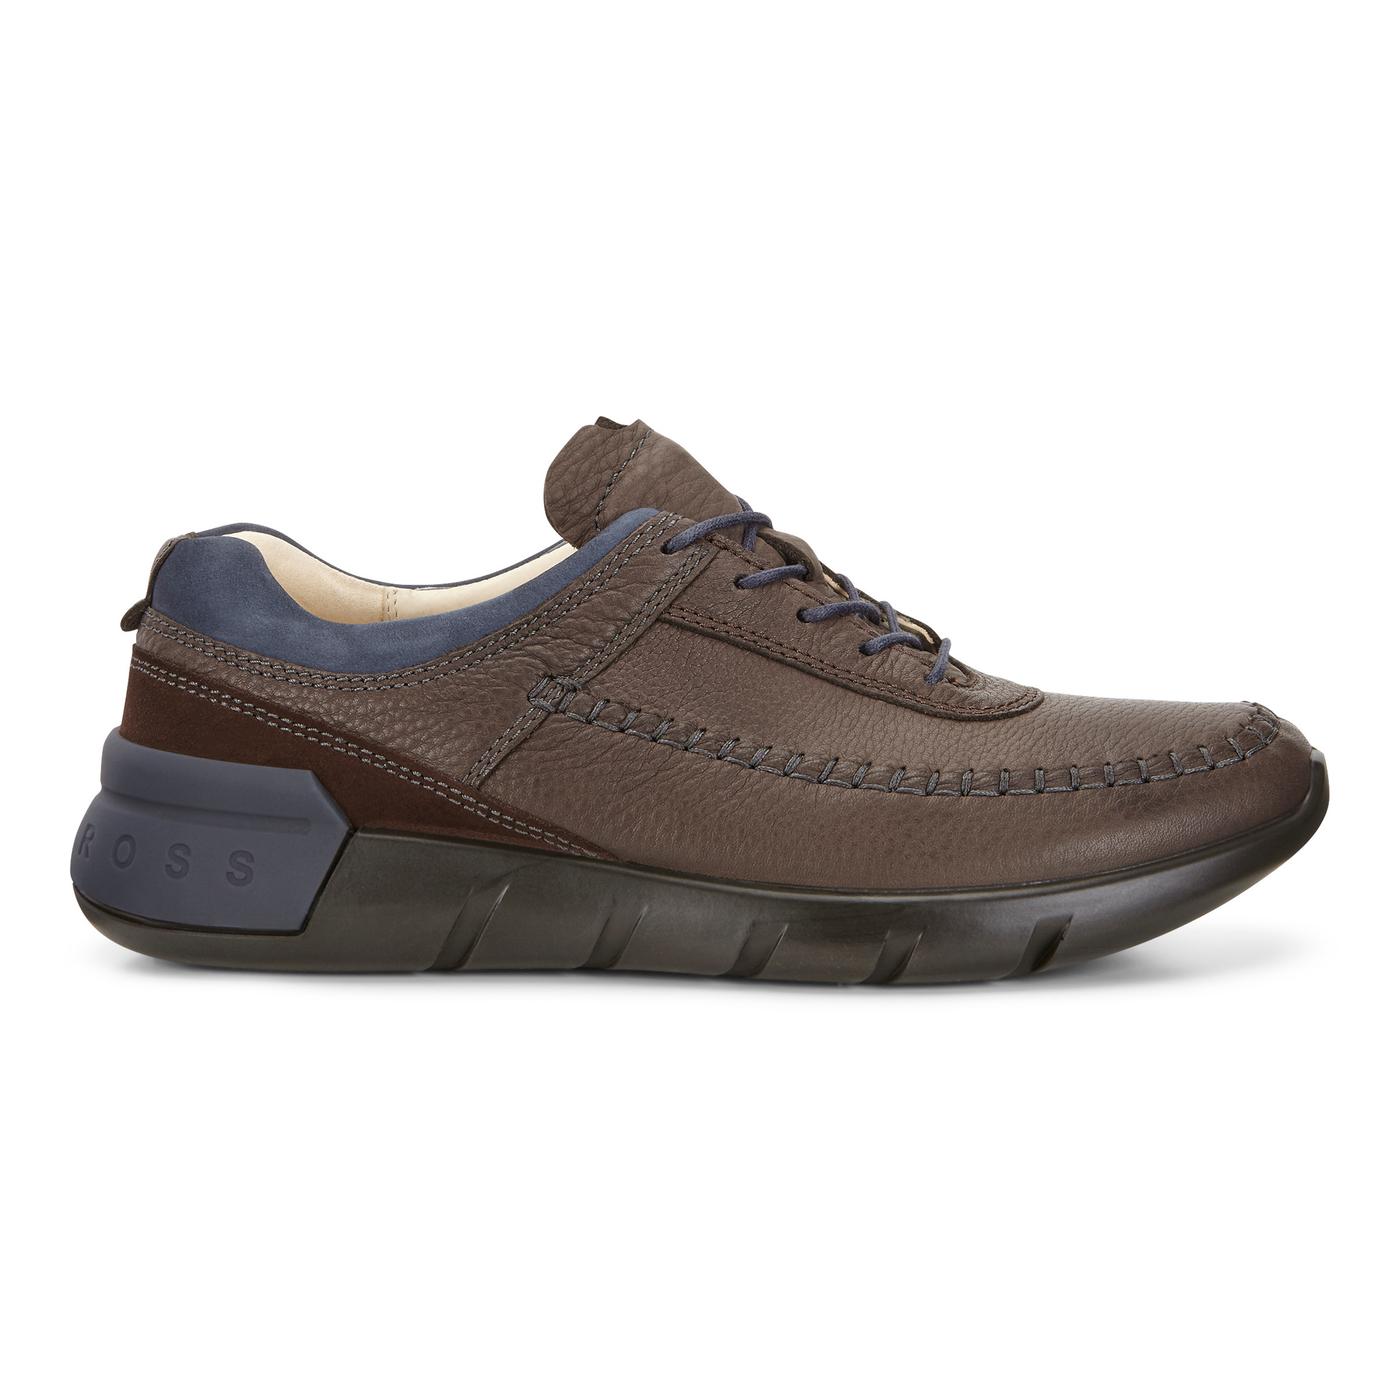 b83ebb61bd ECCO Cross X Classic Tie | Men's Casual Shoes | ECCO® Shoes